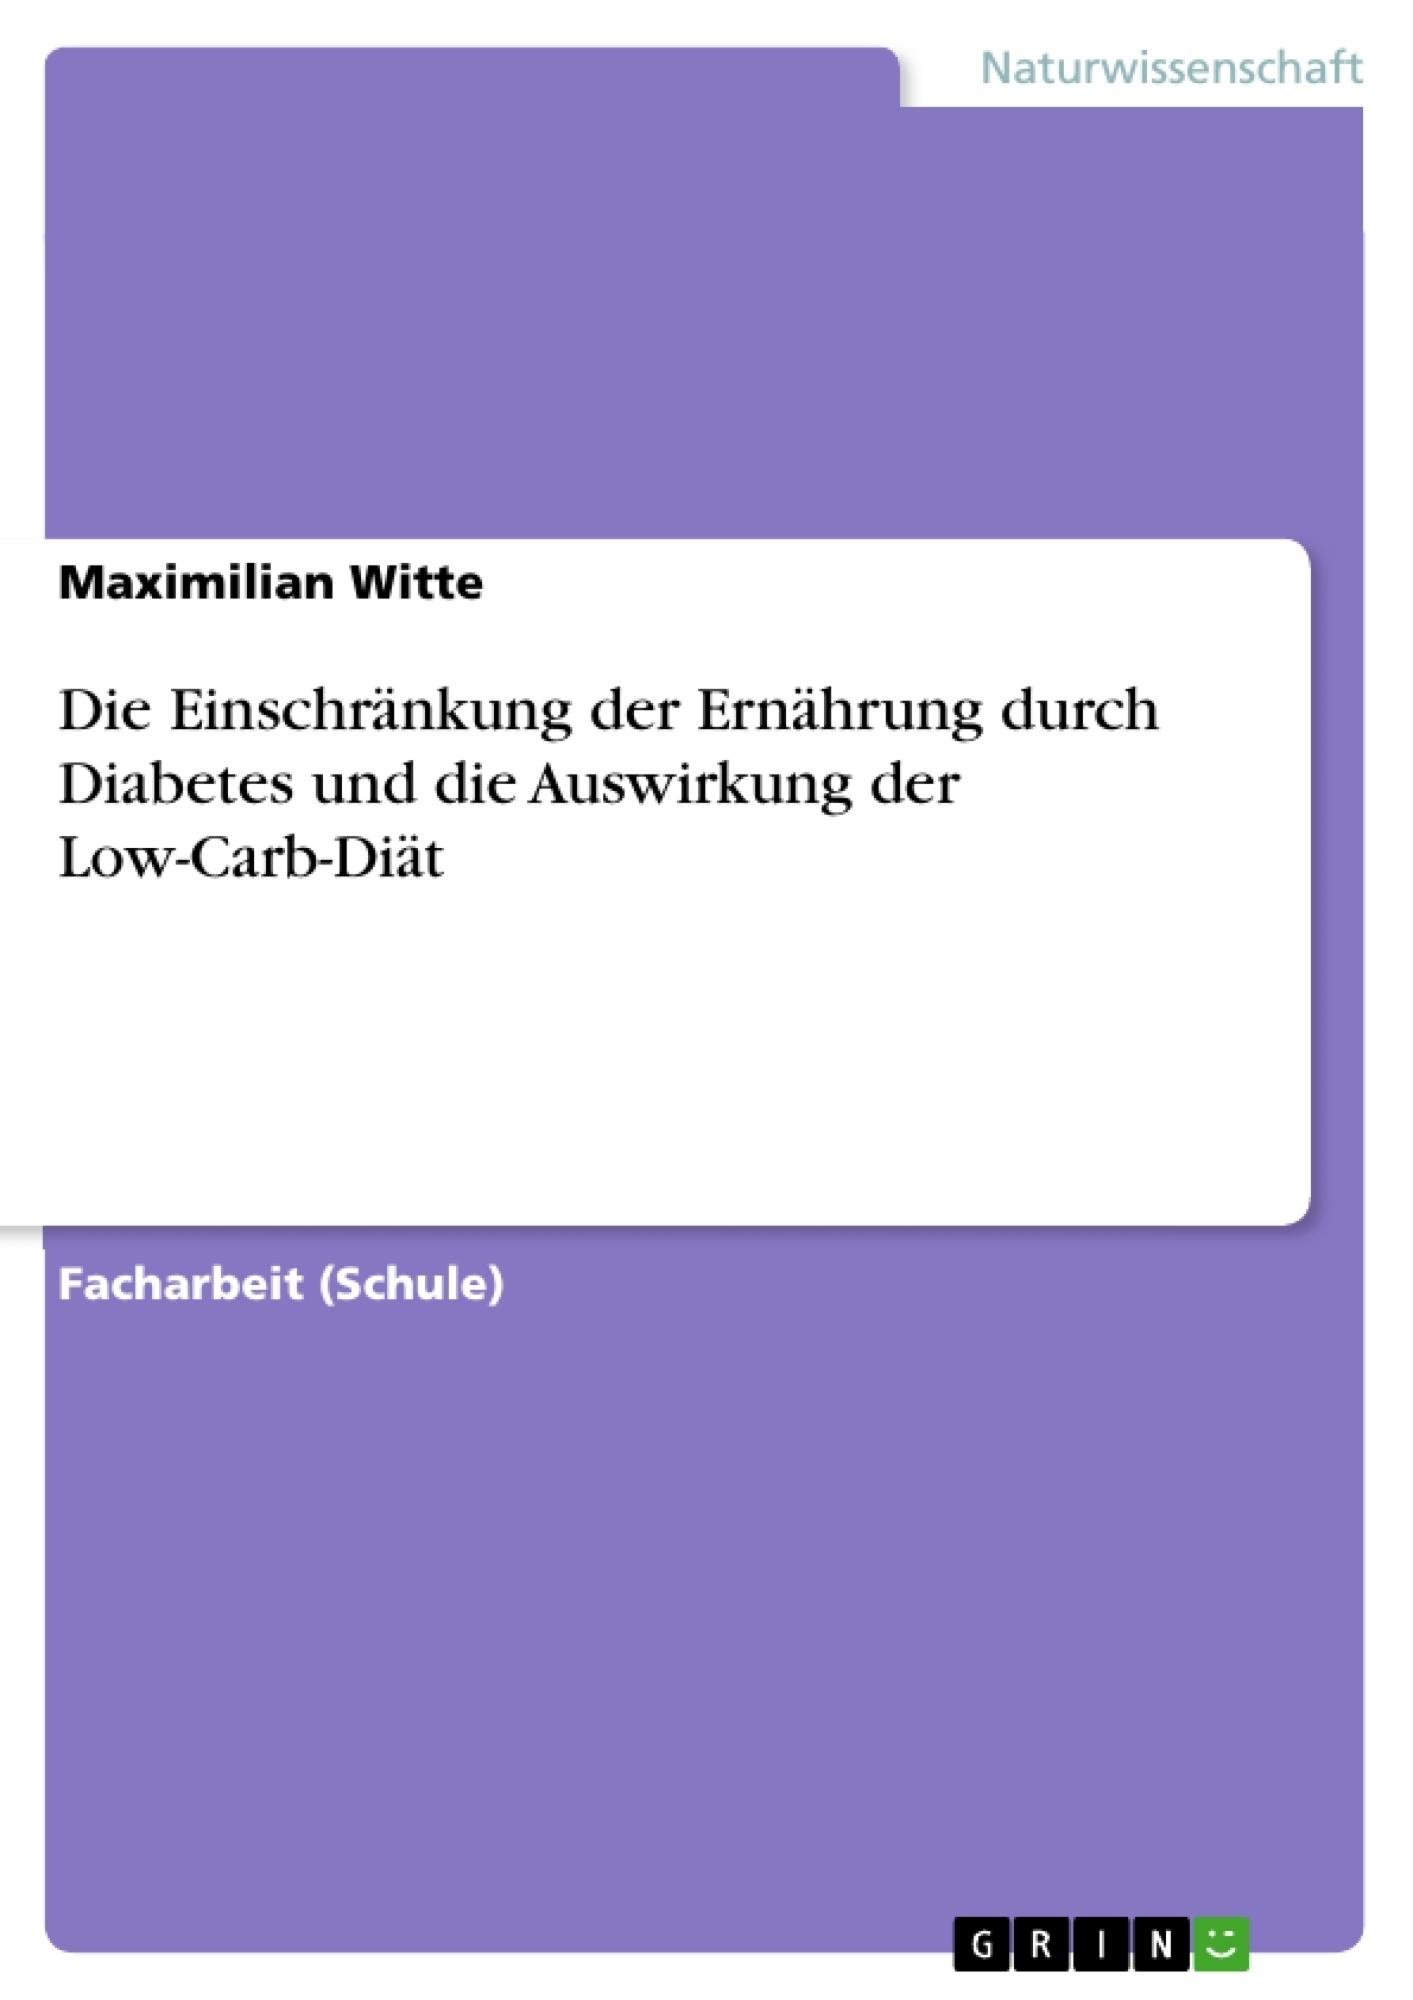 Titel: Die Einschränkung der Ernährung durch Diabetes und die Auswirkung der Low-Carb-Diät